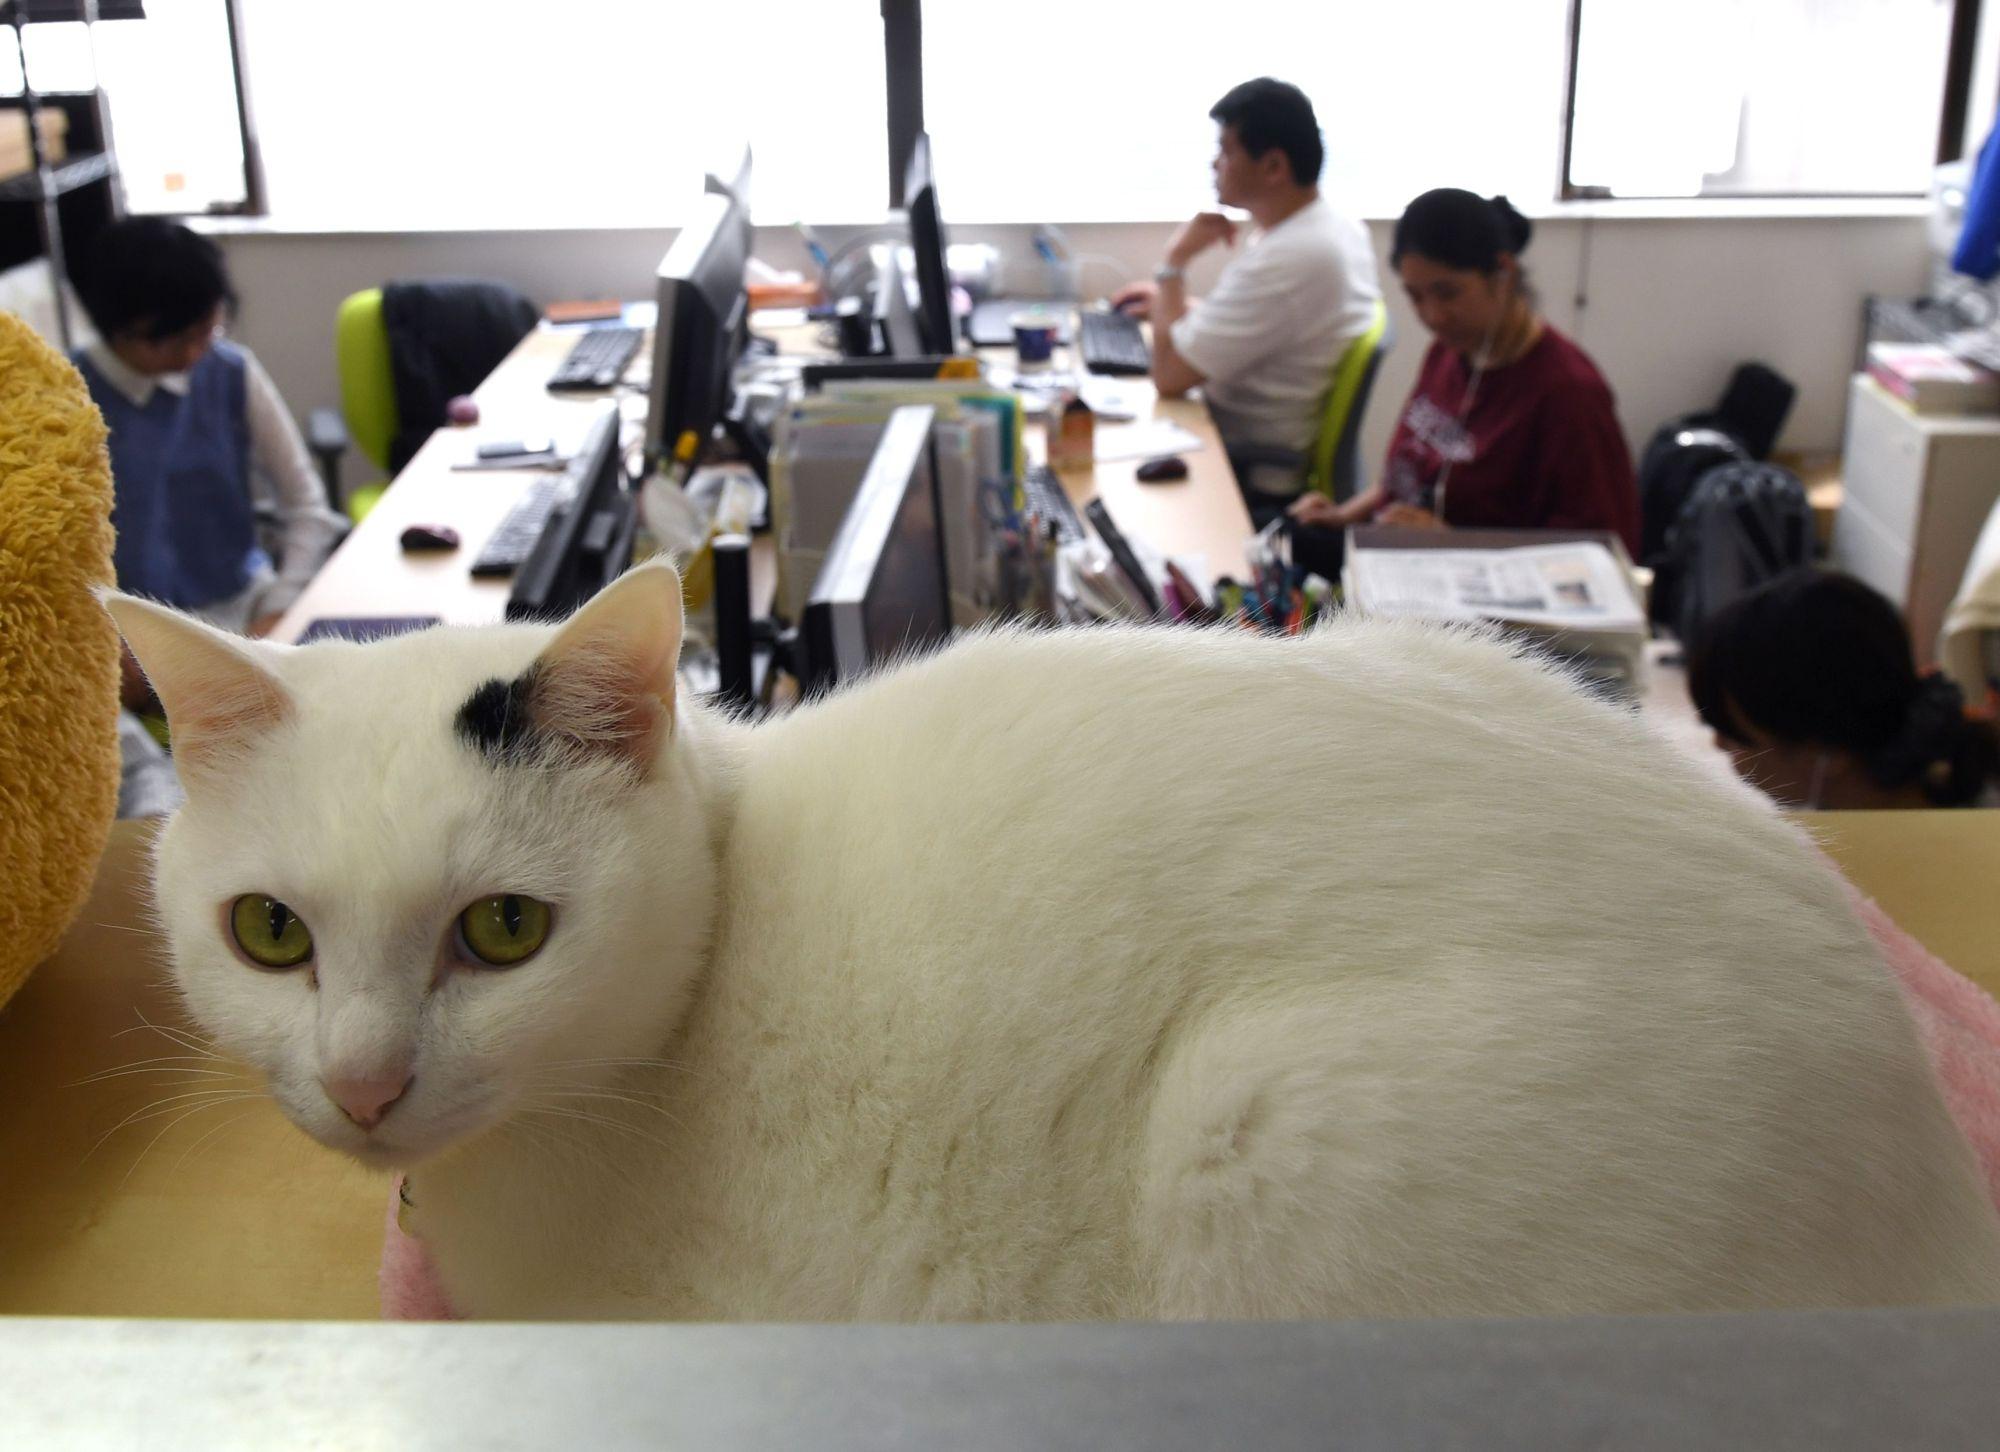 شرکت ژاپن فری: حضور گربه های خانگی در محل کار موجب کاهش استرس کارمندان می شود